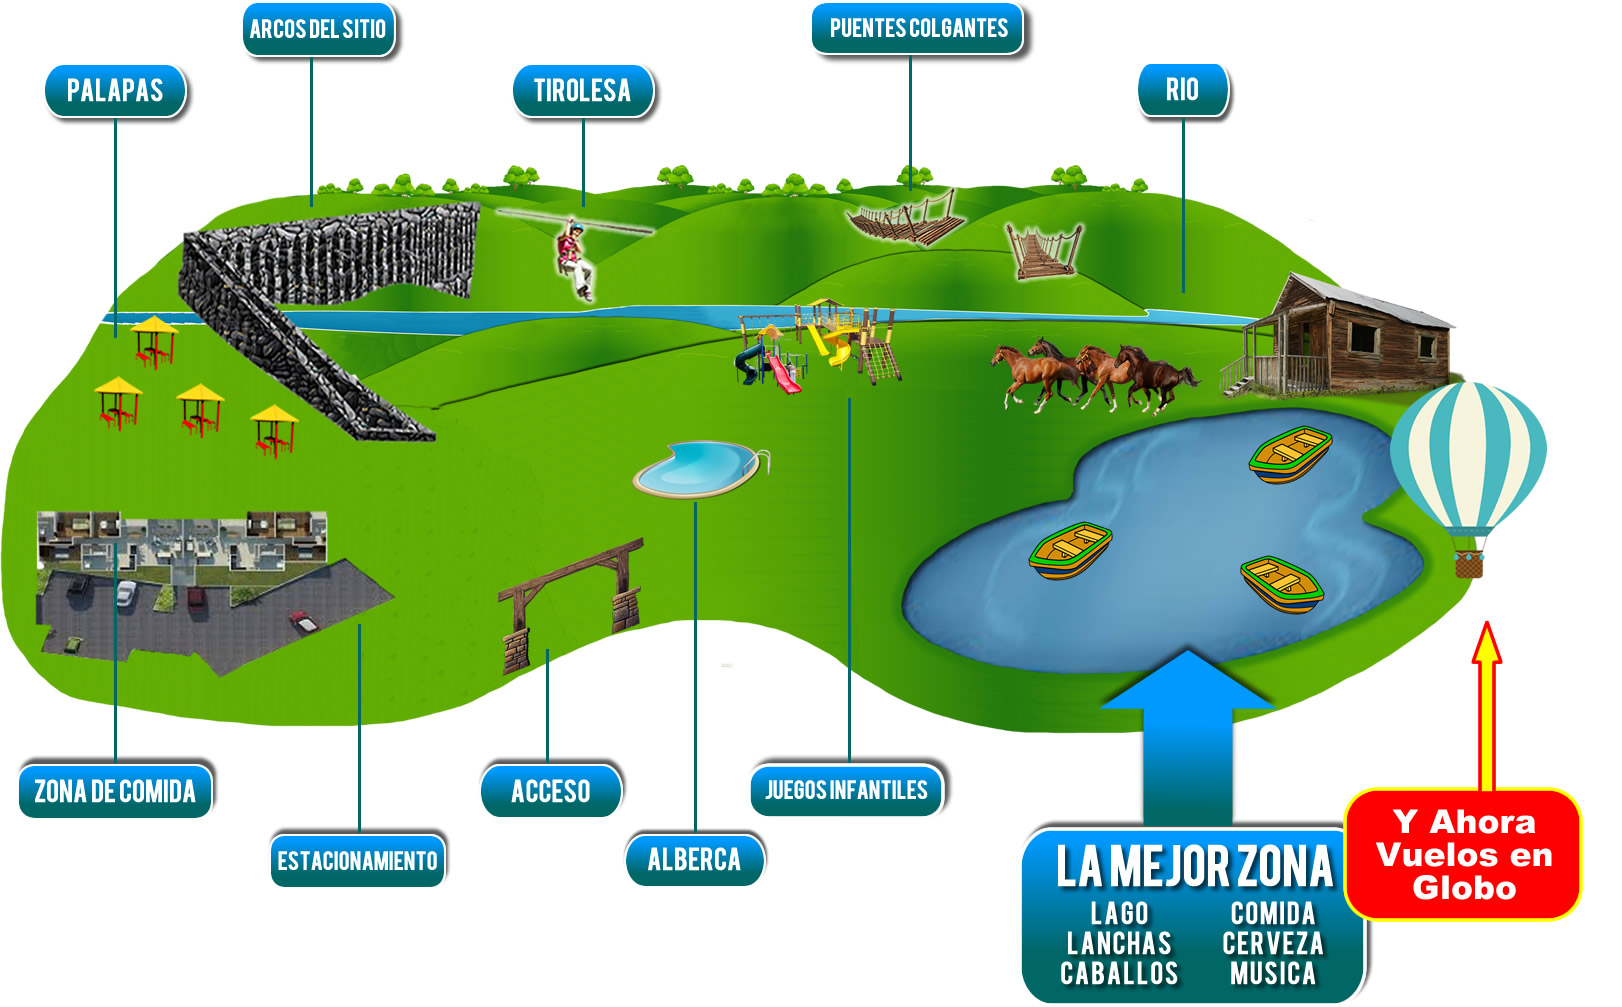 mapa arcos del sitio